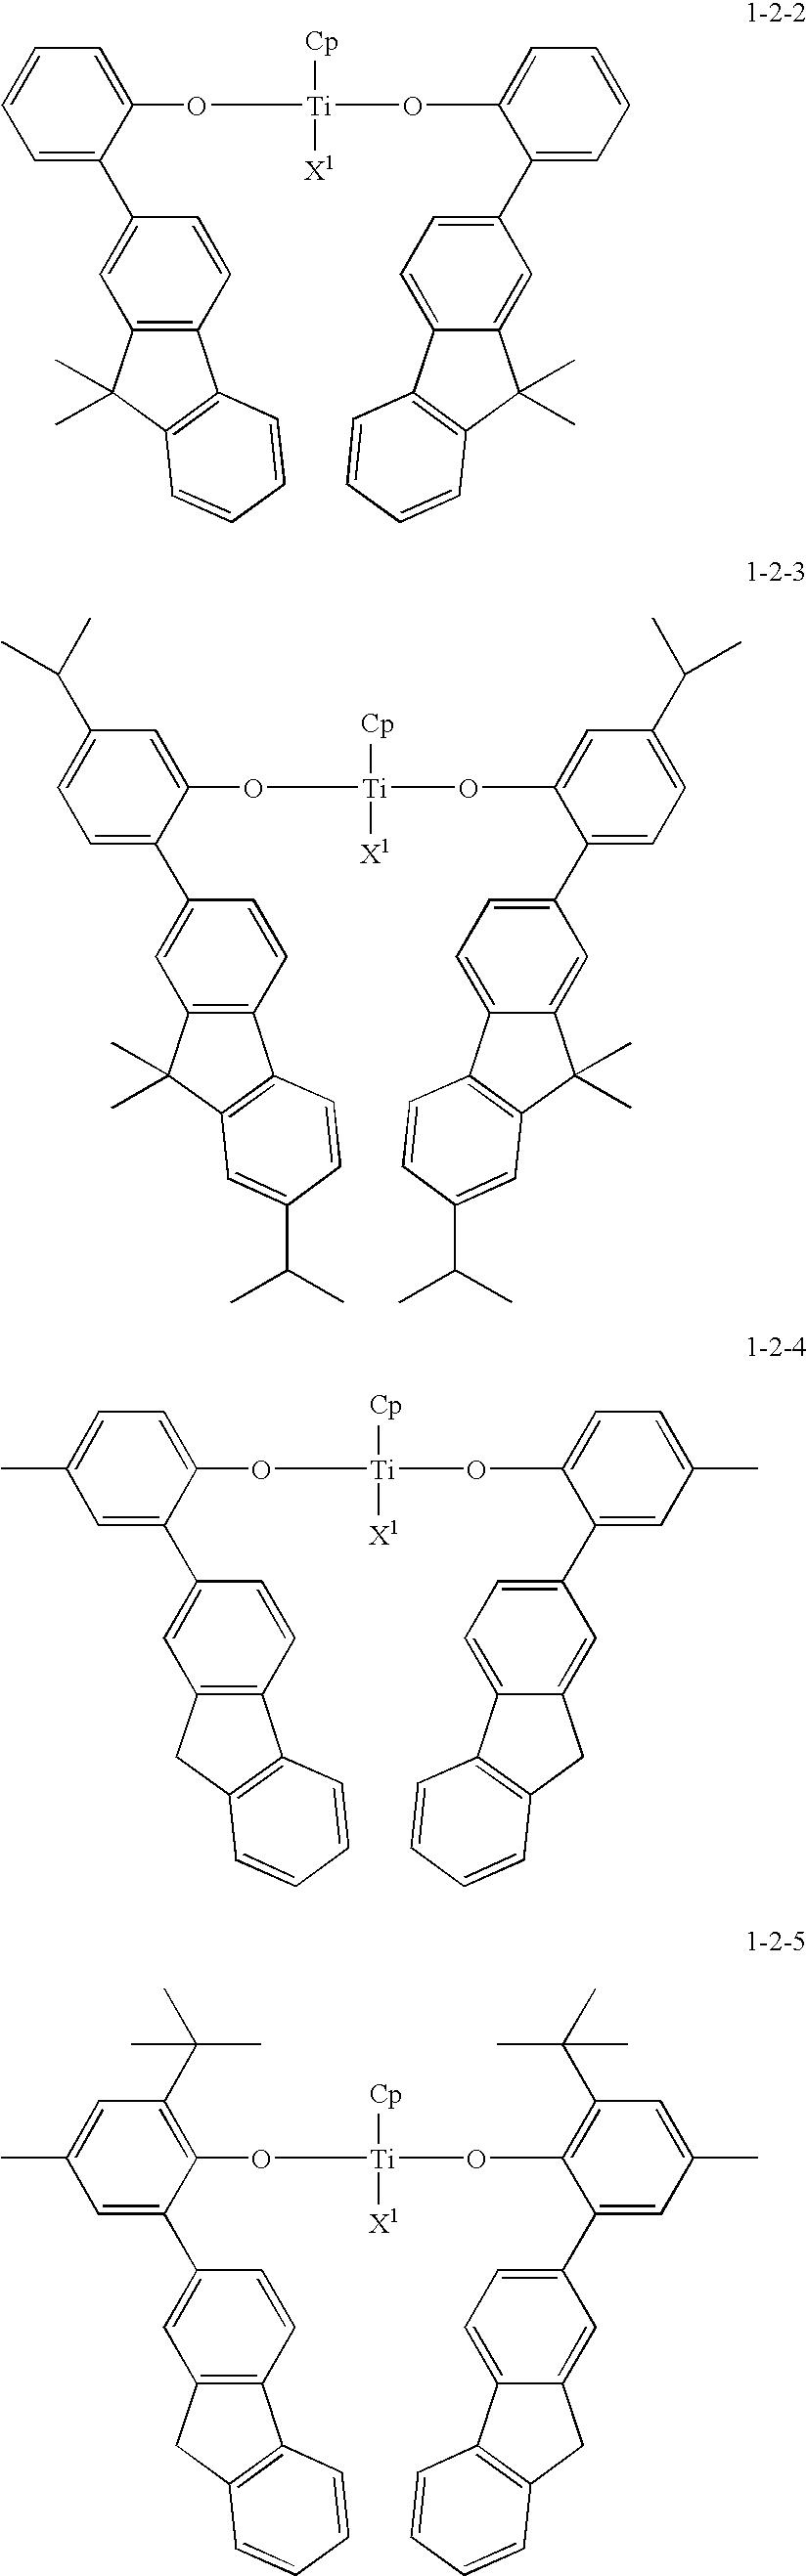 Figure US20100081776A1-20100401-C00034